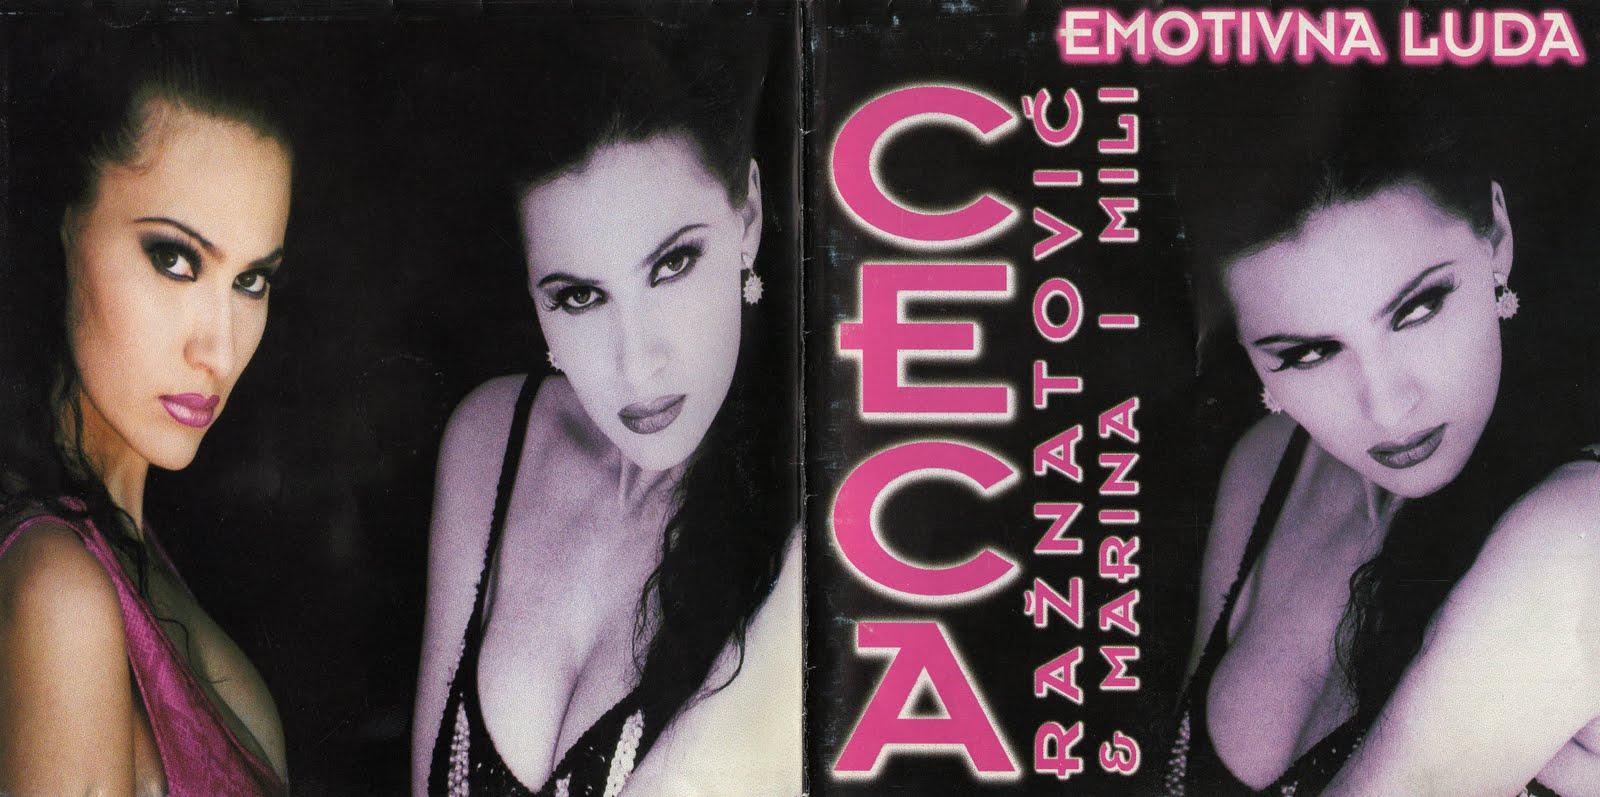 Ceca Emotivna luda Album 1996 omot